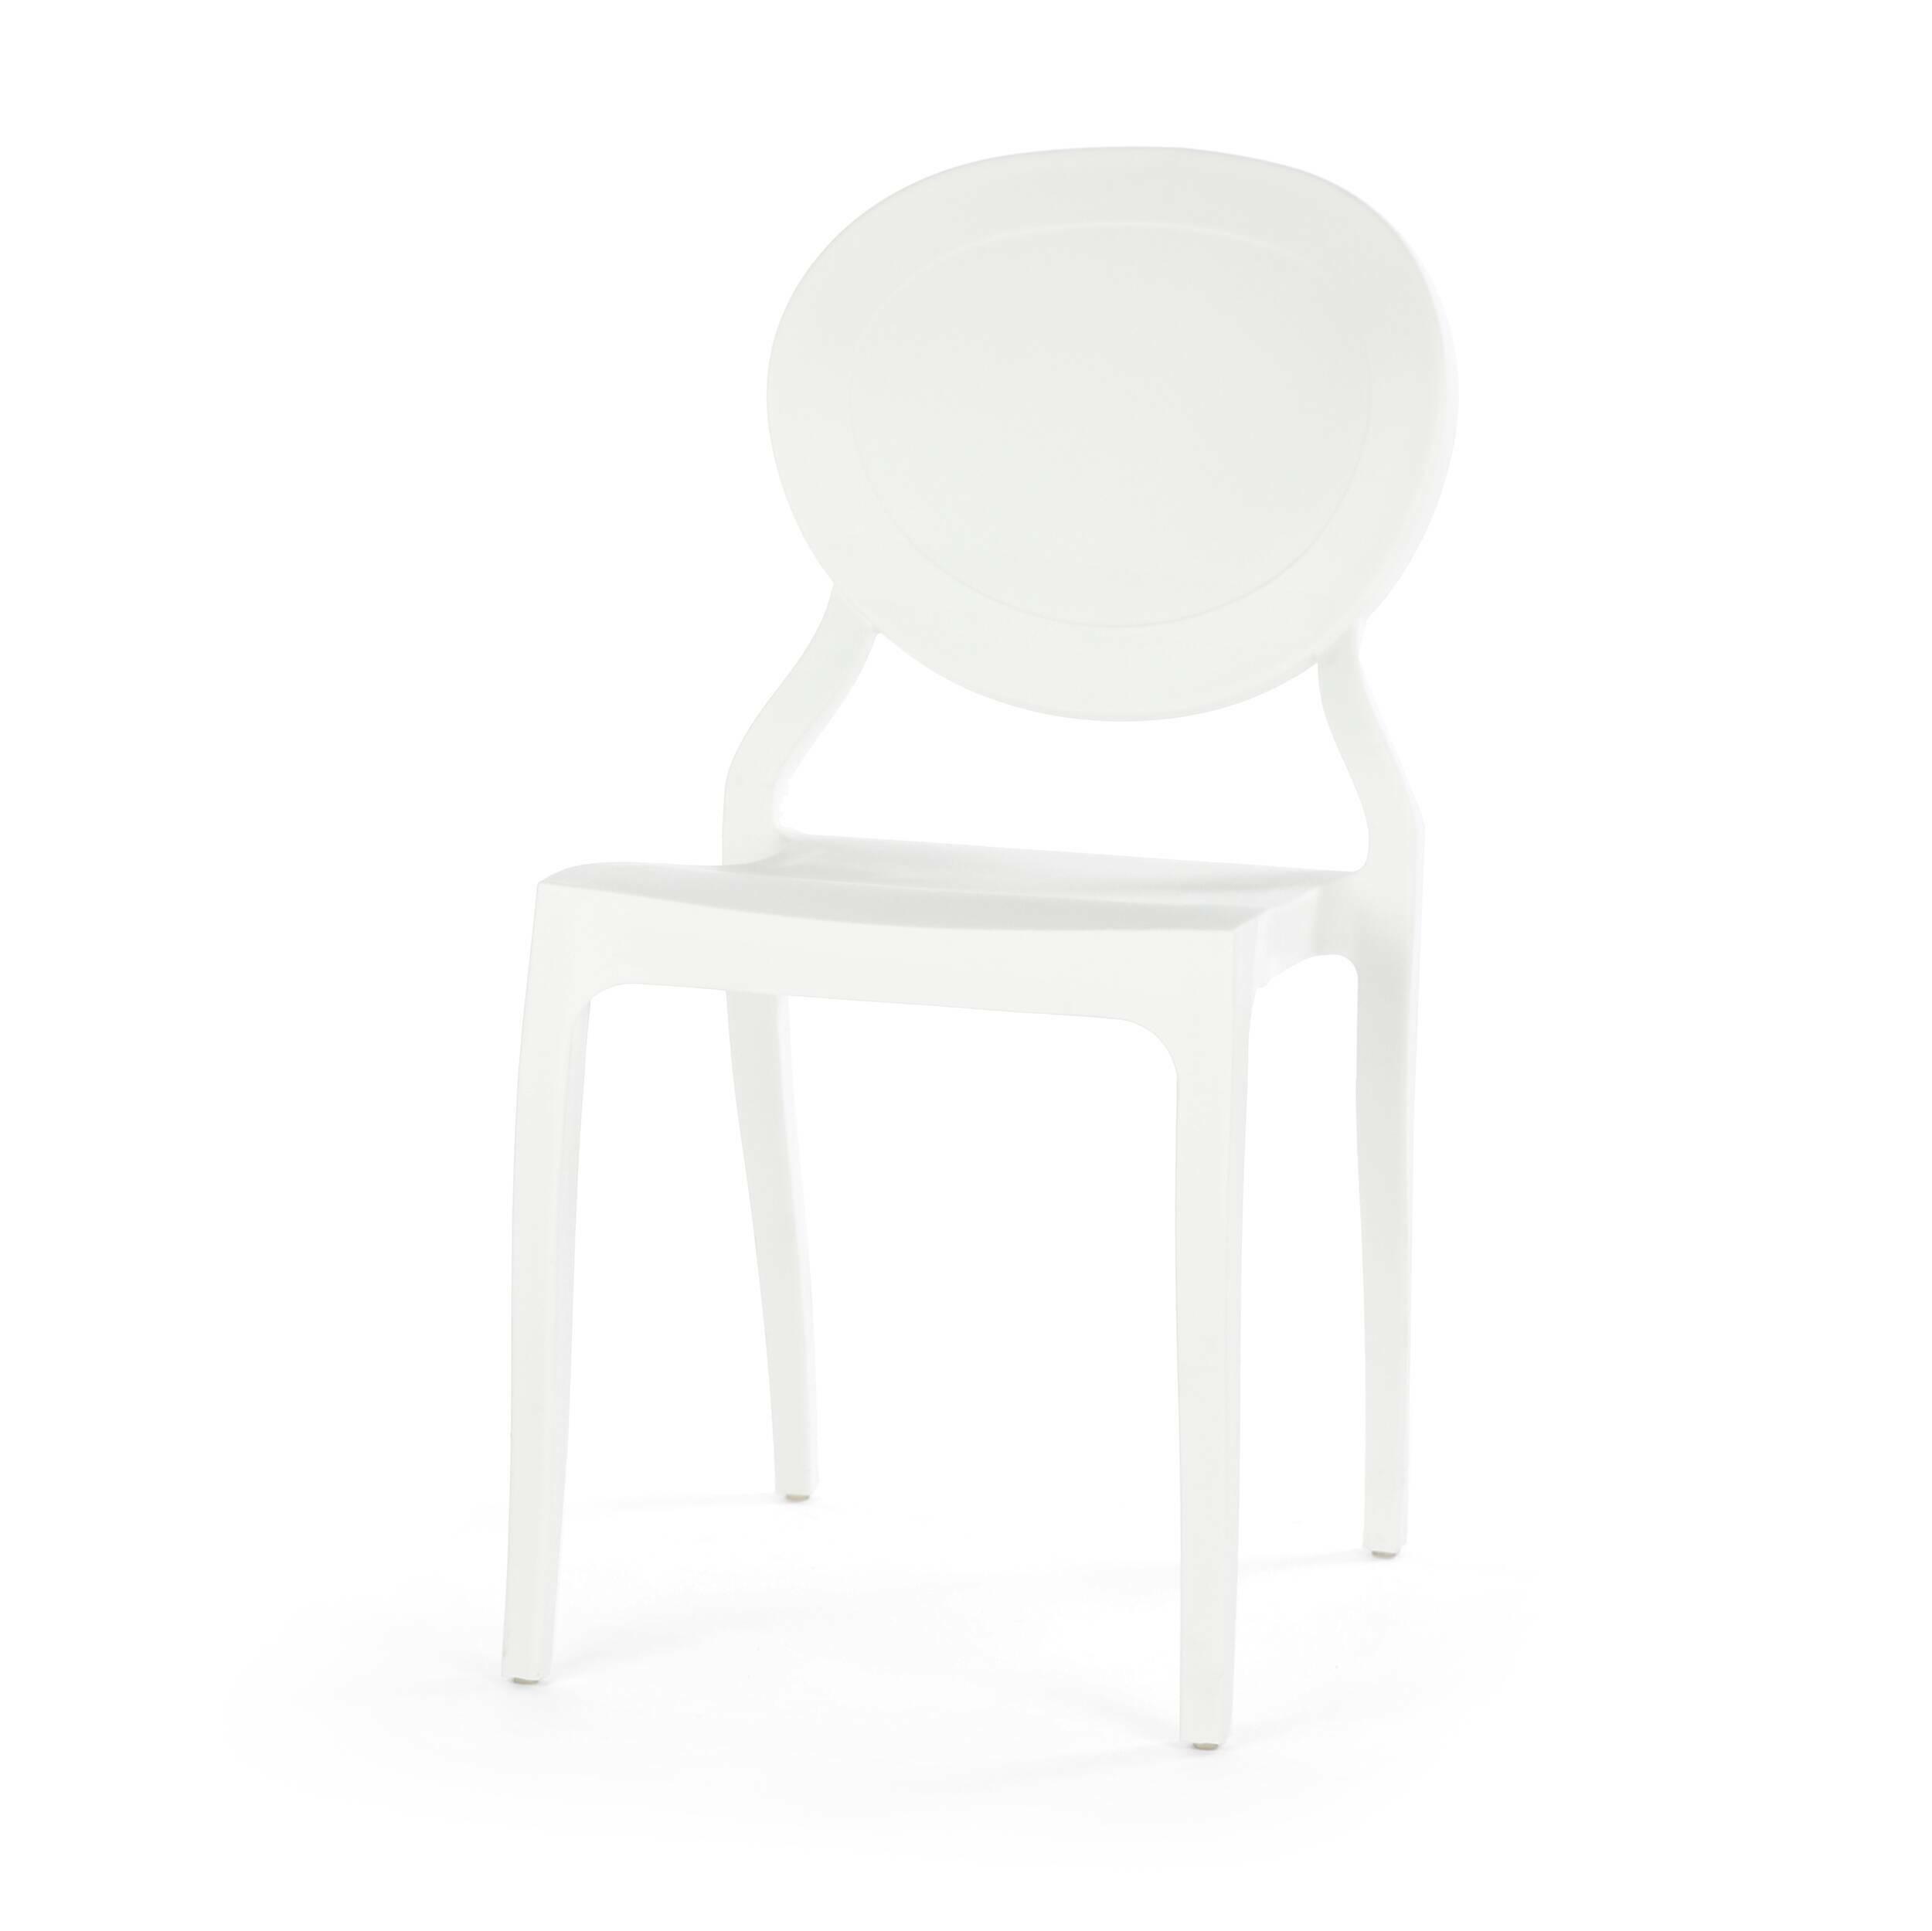 Стул Romola StackableИнтерьерные<br>Дизайнерский одноцветный яркий стул Romola Stackable (Ромола Стэкейбл) из полипропилена от Cosmo (Космо).<br><br>     Этот стул настолько простой и одновременно необычный, что его трудно однозначно отнести к конкретному стилю. Он великолепно сочетается с модерном и классикой, прекрасно вписывается в китч и минимализм, подходит для индустриального направления. Такая универсальность достигается благодаря сочетанию формы и материала.<br><br><br>     Ножки слегка изогнуты, фигурной формы сиденье и круглая ...<br><br>stock: 20<br>Высота: 82<br>Высота сиденья: 44<br>Ширина: 42<br>Глубина: 55,5<br>Тип материала каркаса: Полипропилен<br>Цвет каркаса: Белый